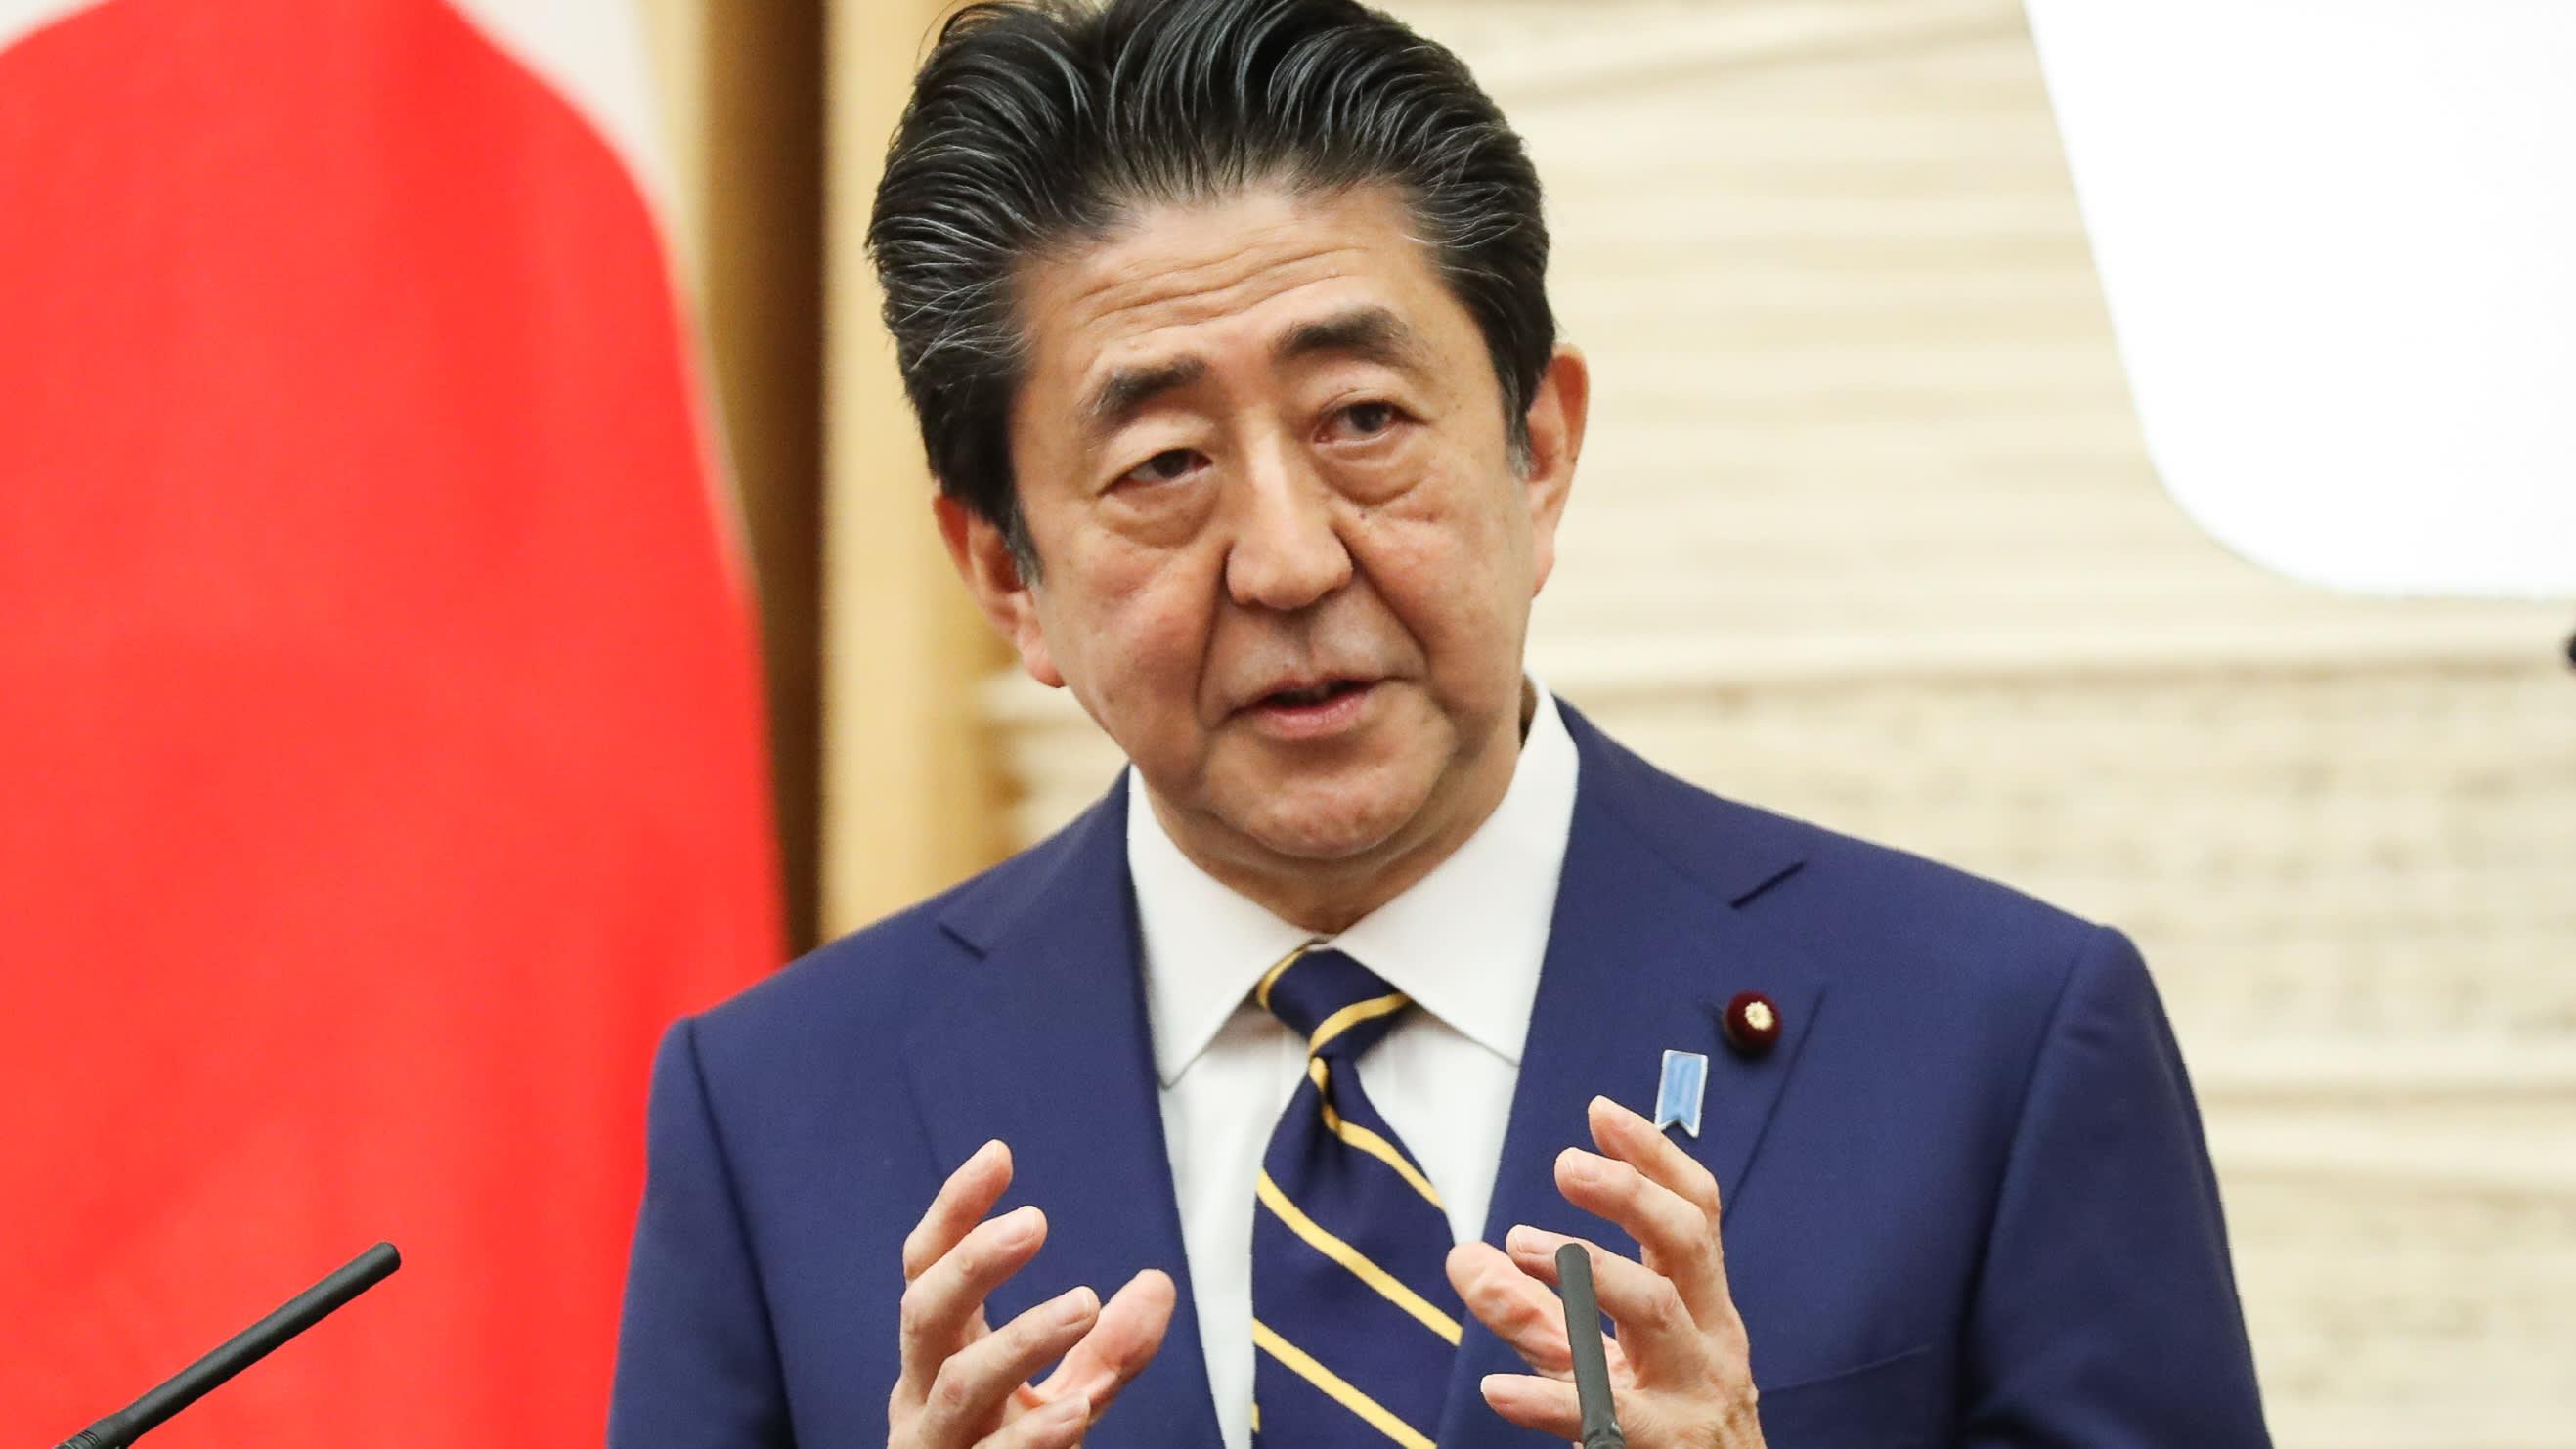 Thủ tướng Nhật Bản lại đến bệnh viện, gia tăng lo ngại về tình trạng sức khỏe - Ảnh 1